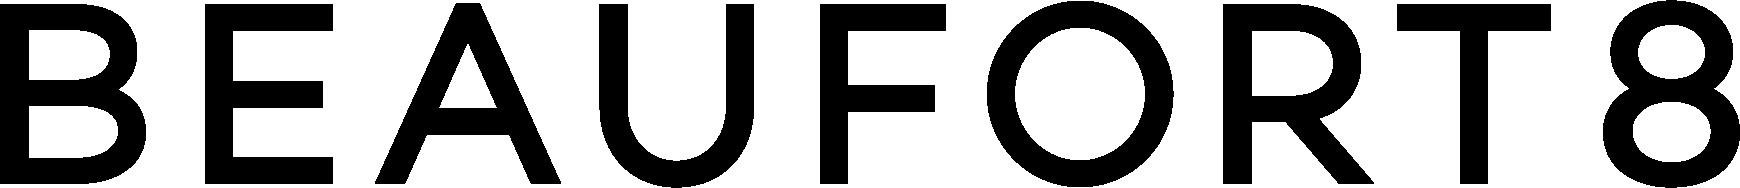 LOGO_b8_wortmarke_schwarz_4c_dawi